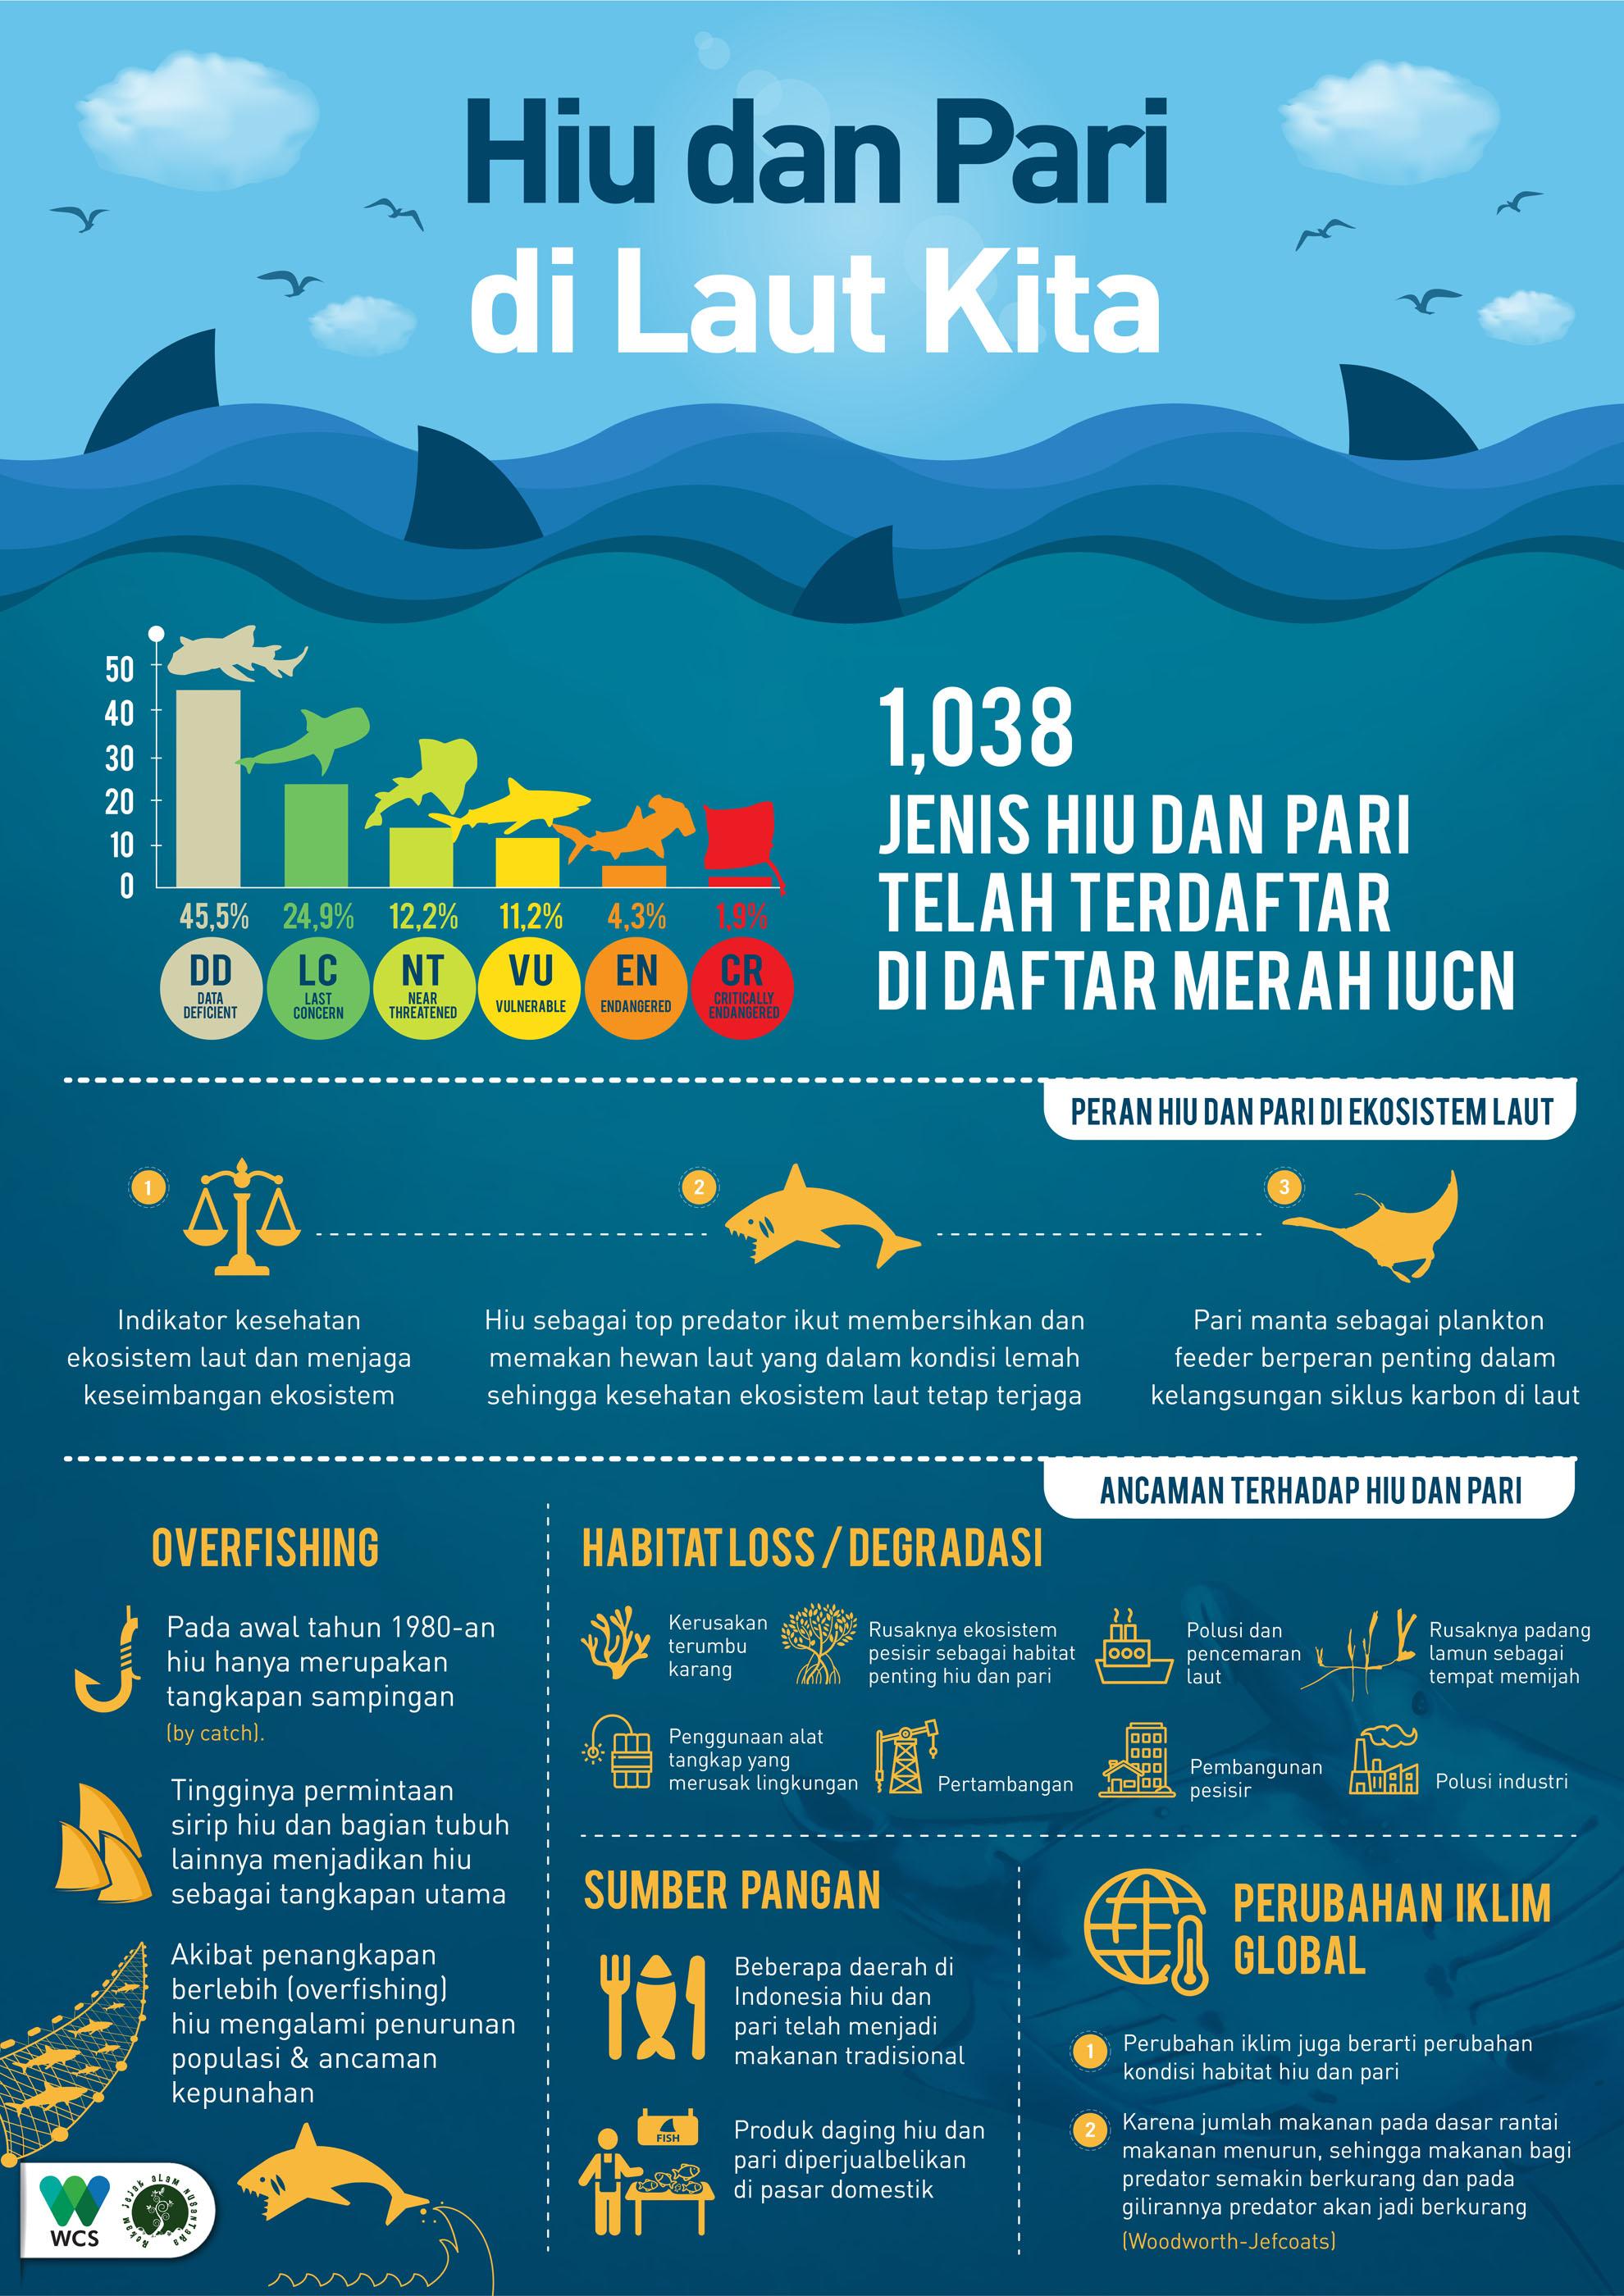 Infografis Hiu dan Pari